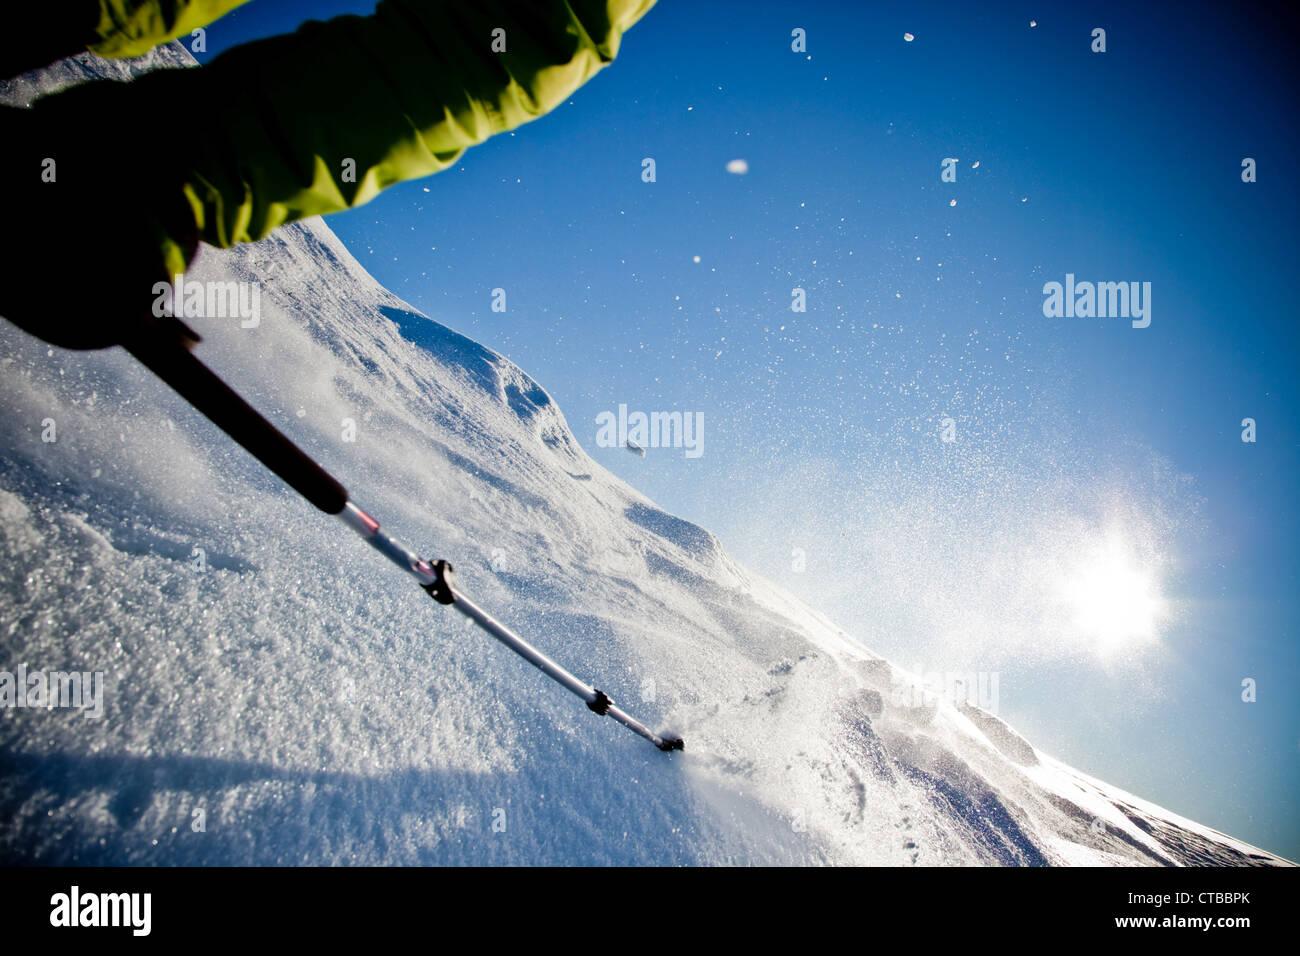 Sciatore con rifiniture a spostarsi verso il basso nella polvere di neve al tramonto (dettaglio) Immagini Stock